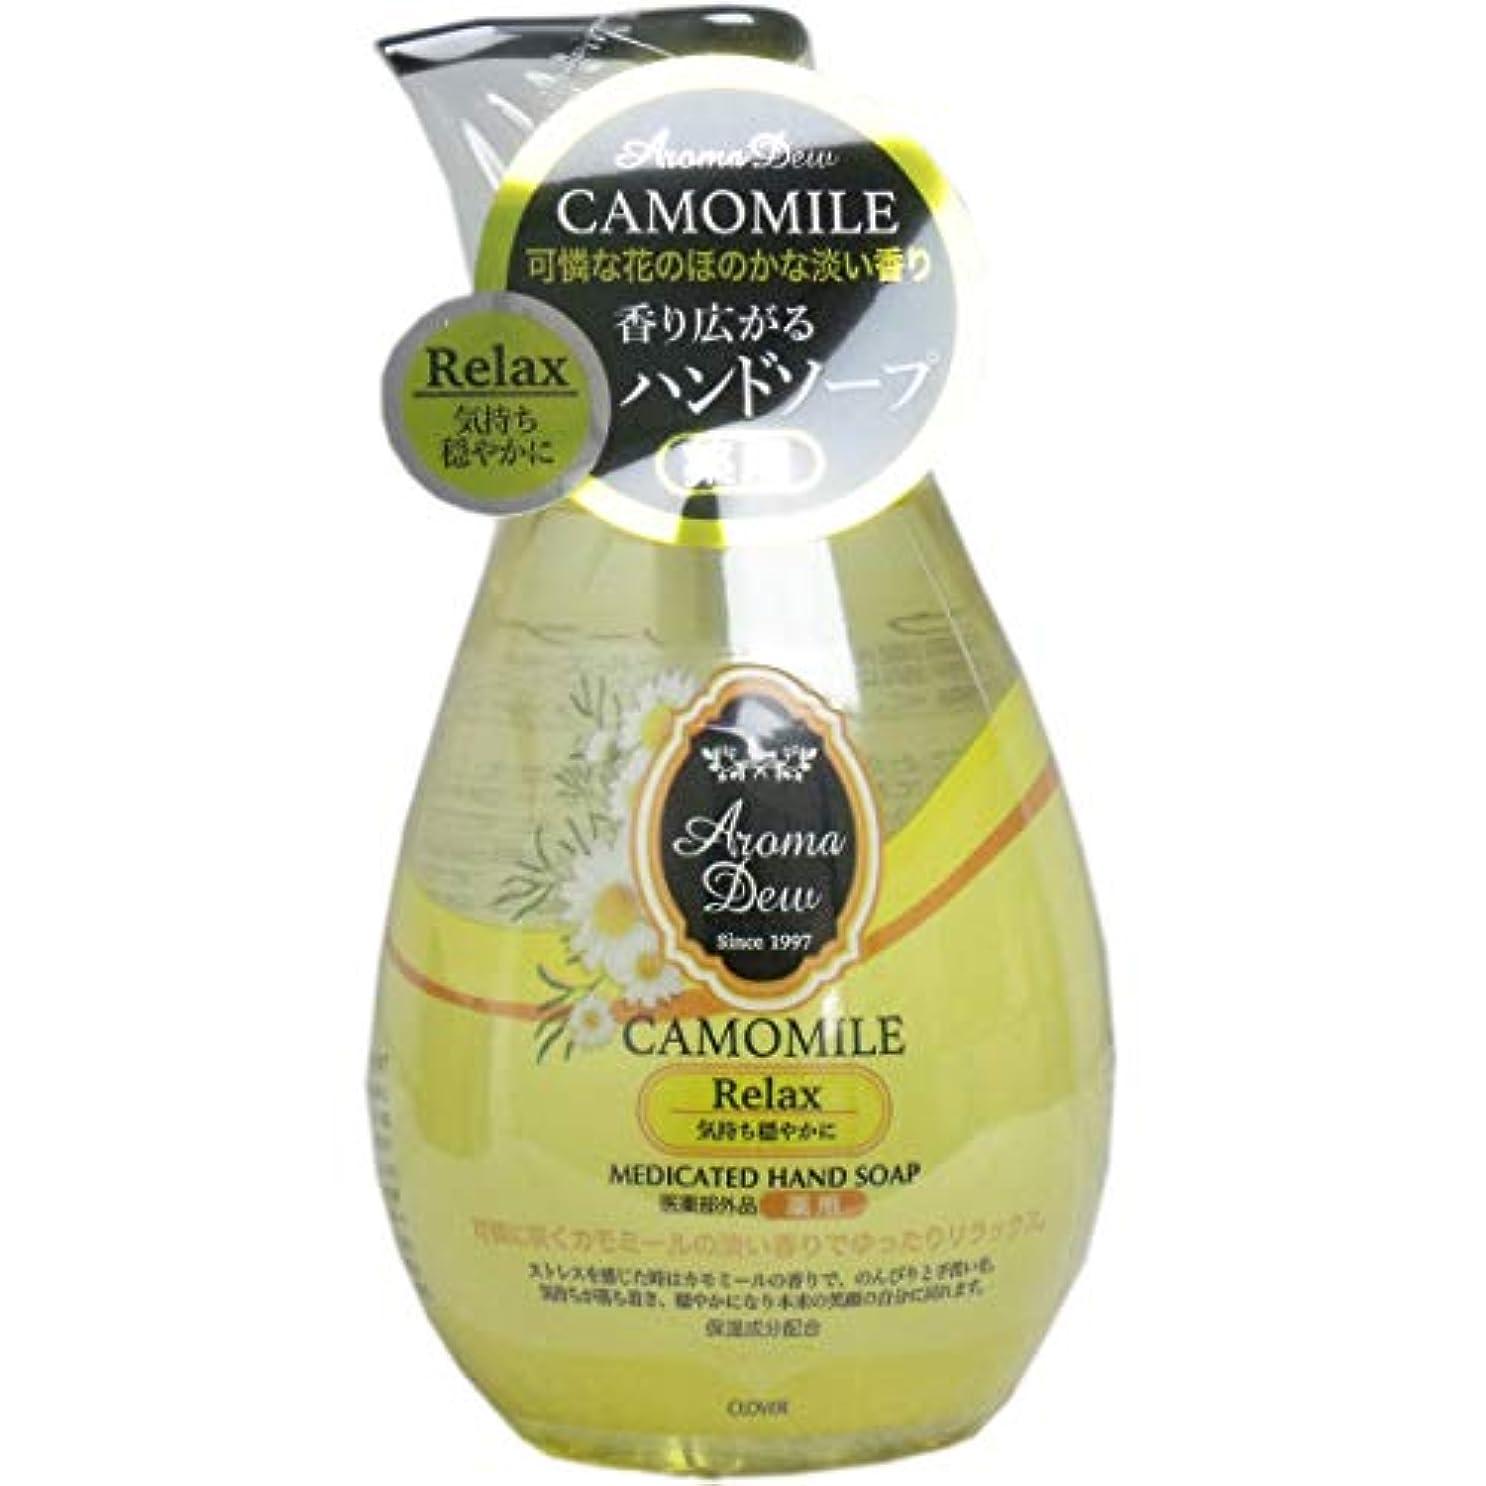 呼び出す経度財産薬用アロマデュウ ハンドソープ カモミールの香り 260mL×5個セット(管理番号 4901498104415)